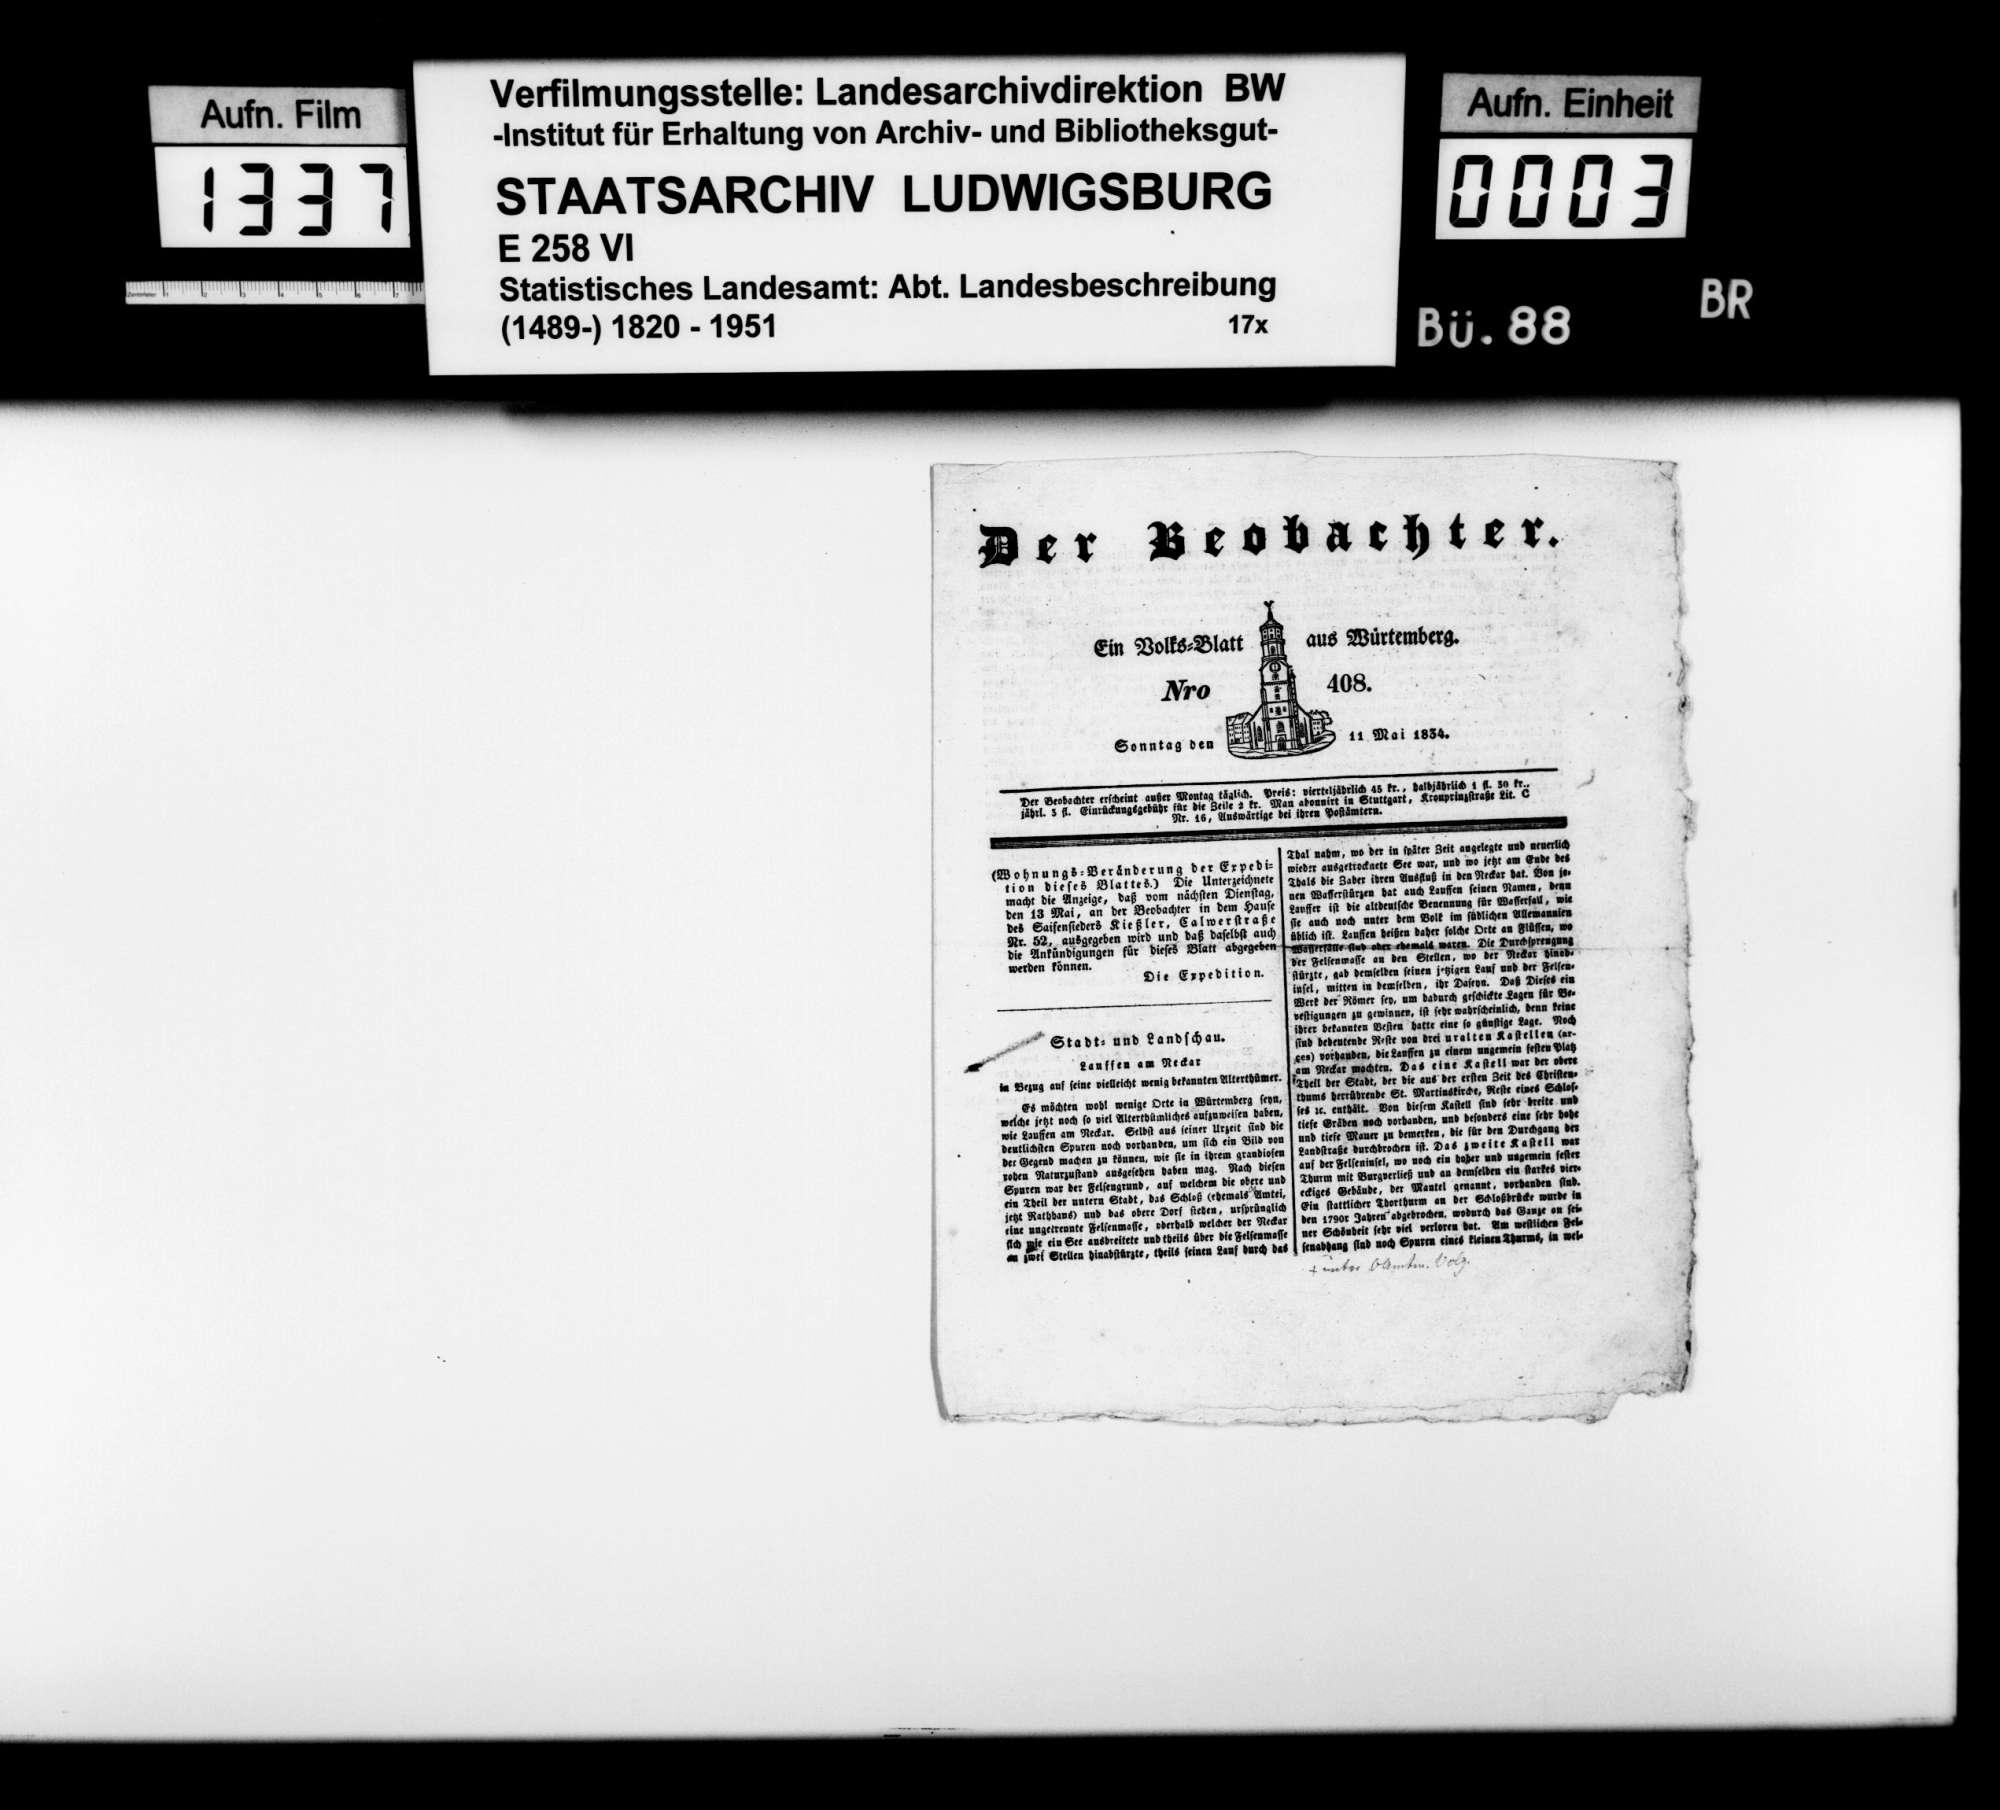 Beiträge und Notizen [des Kupferstechers August Seyffer] zum Verzeichnis und Erhalt württembergischer Altertümer, Bild 2